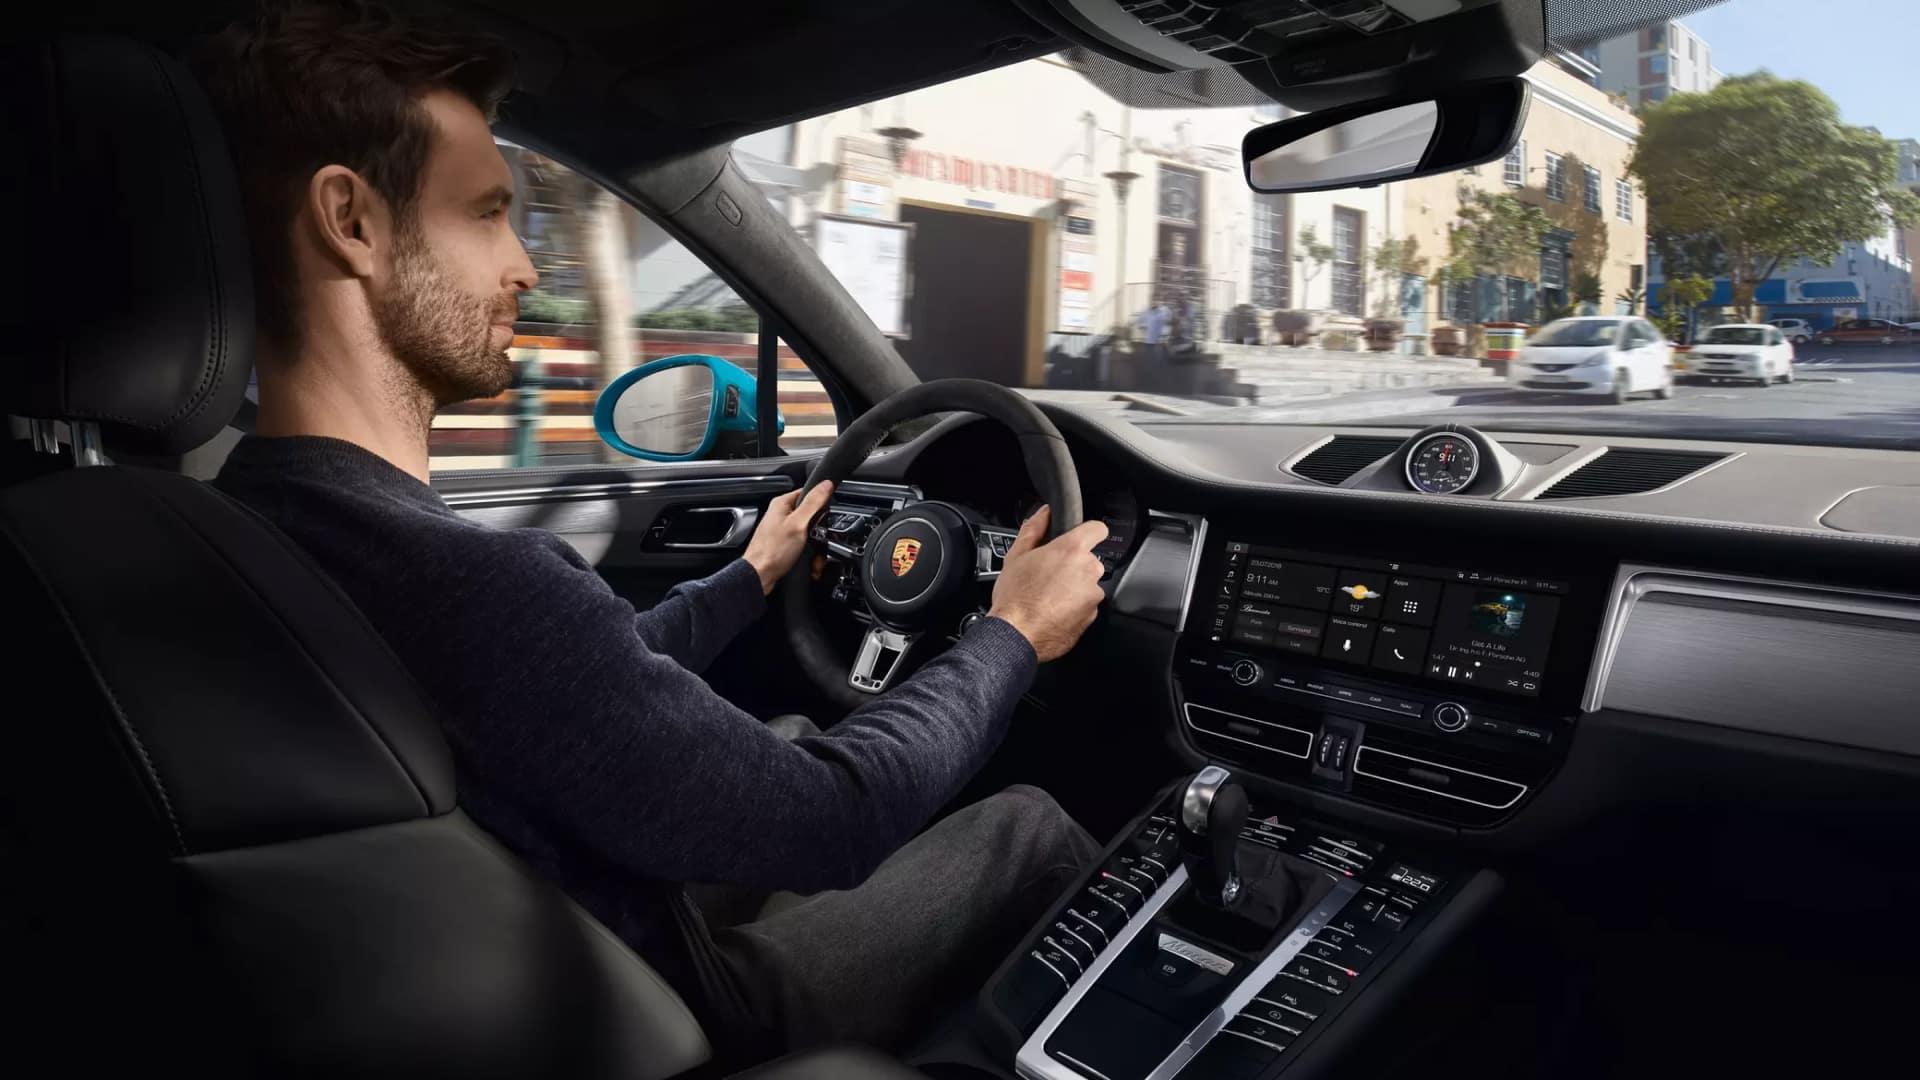 2019 Porsche Macan Technology